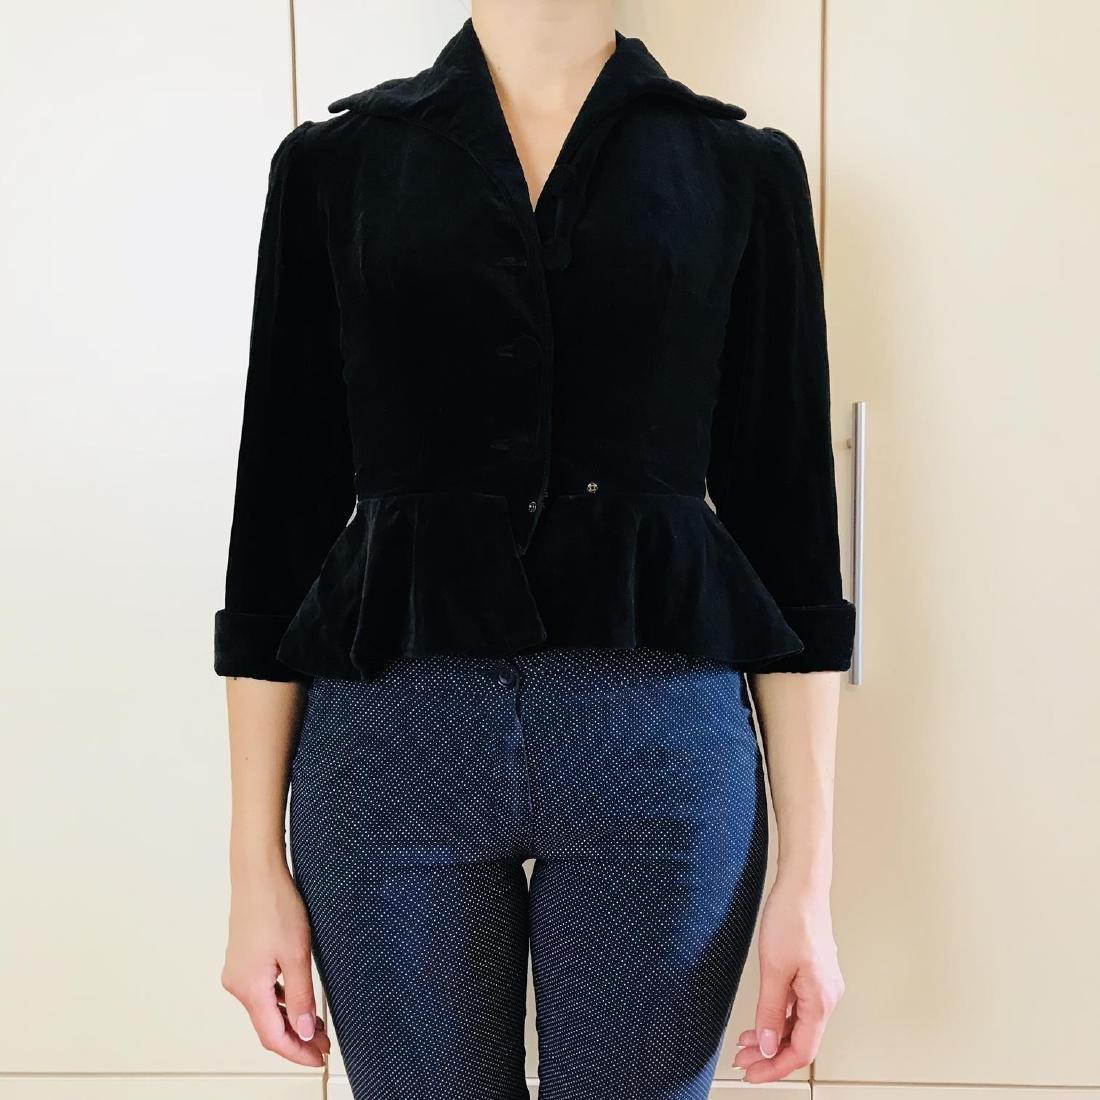 Vintage Women's Black Velvet Jacket Blazer - 3